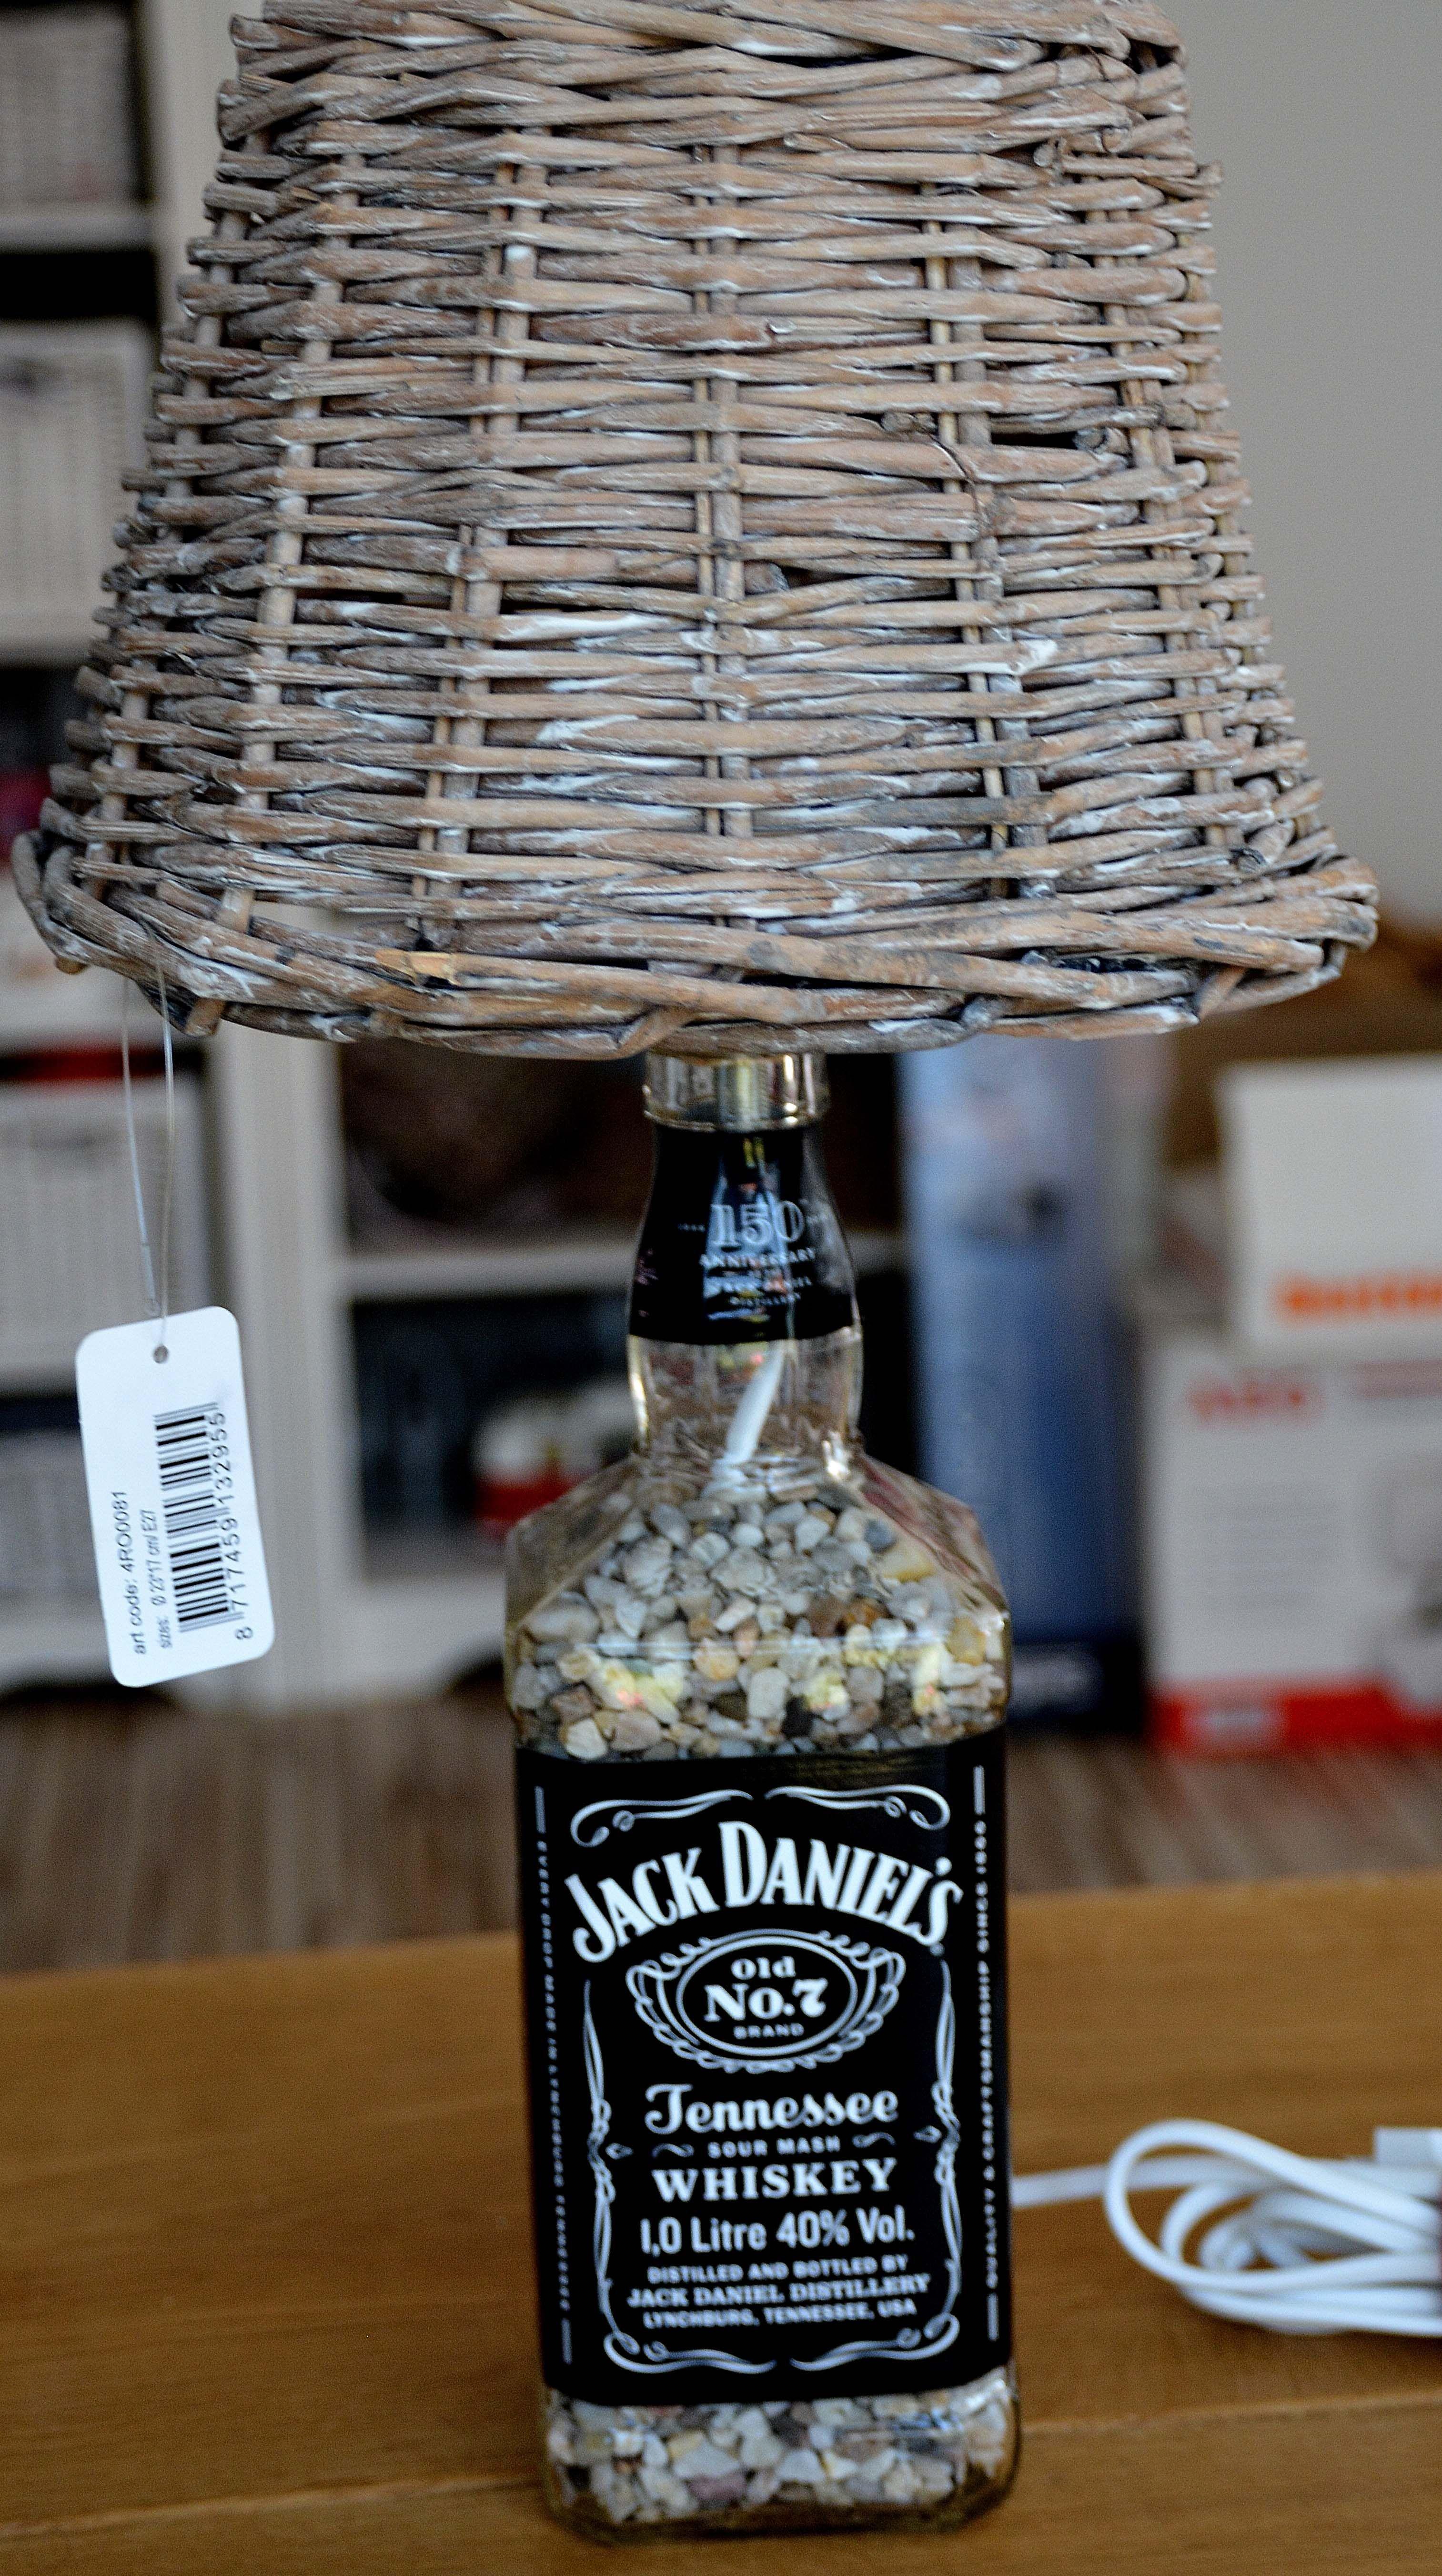 Lovely Lampe aus Jack Daniels Flasche mit Weidengeflecht als Schirm